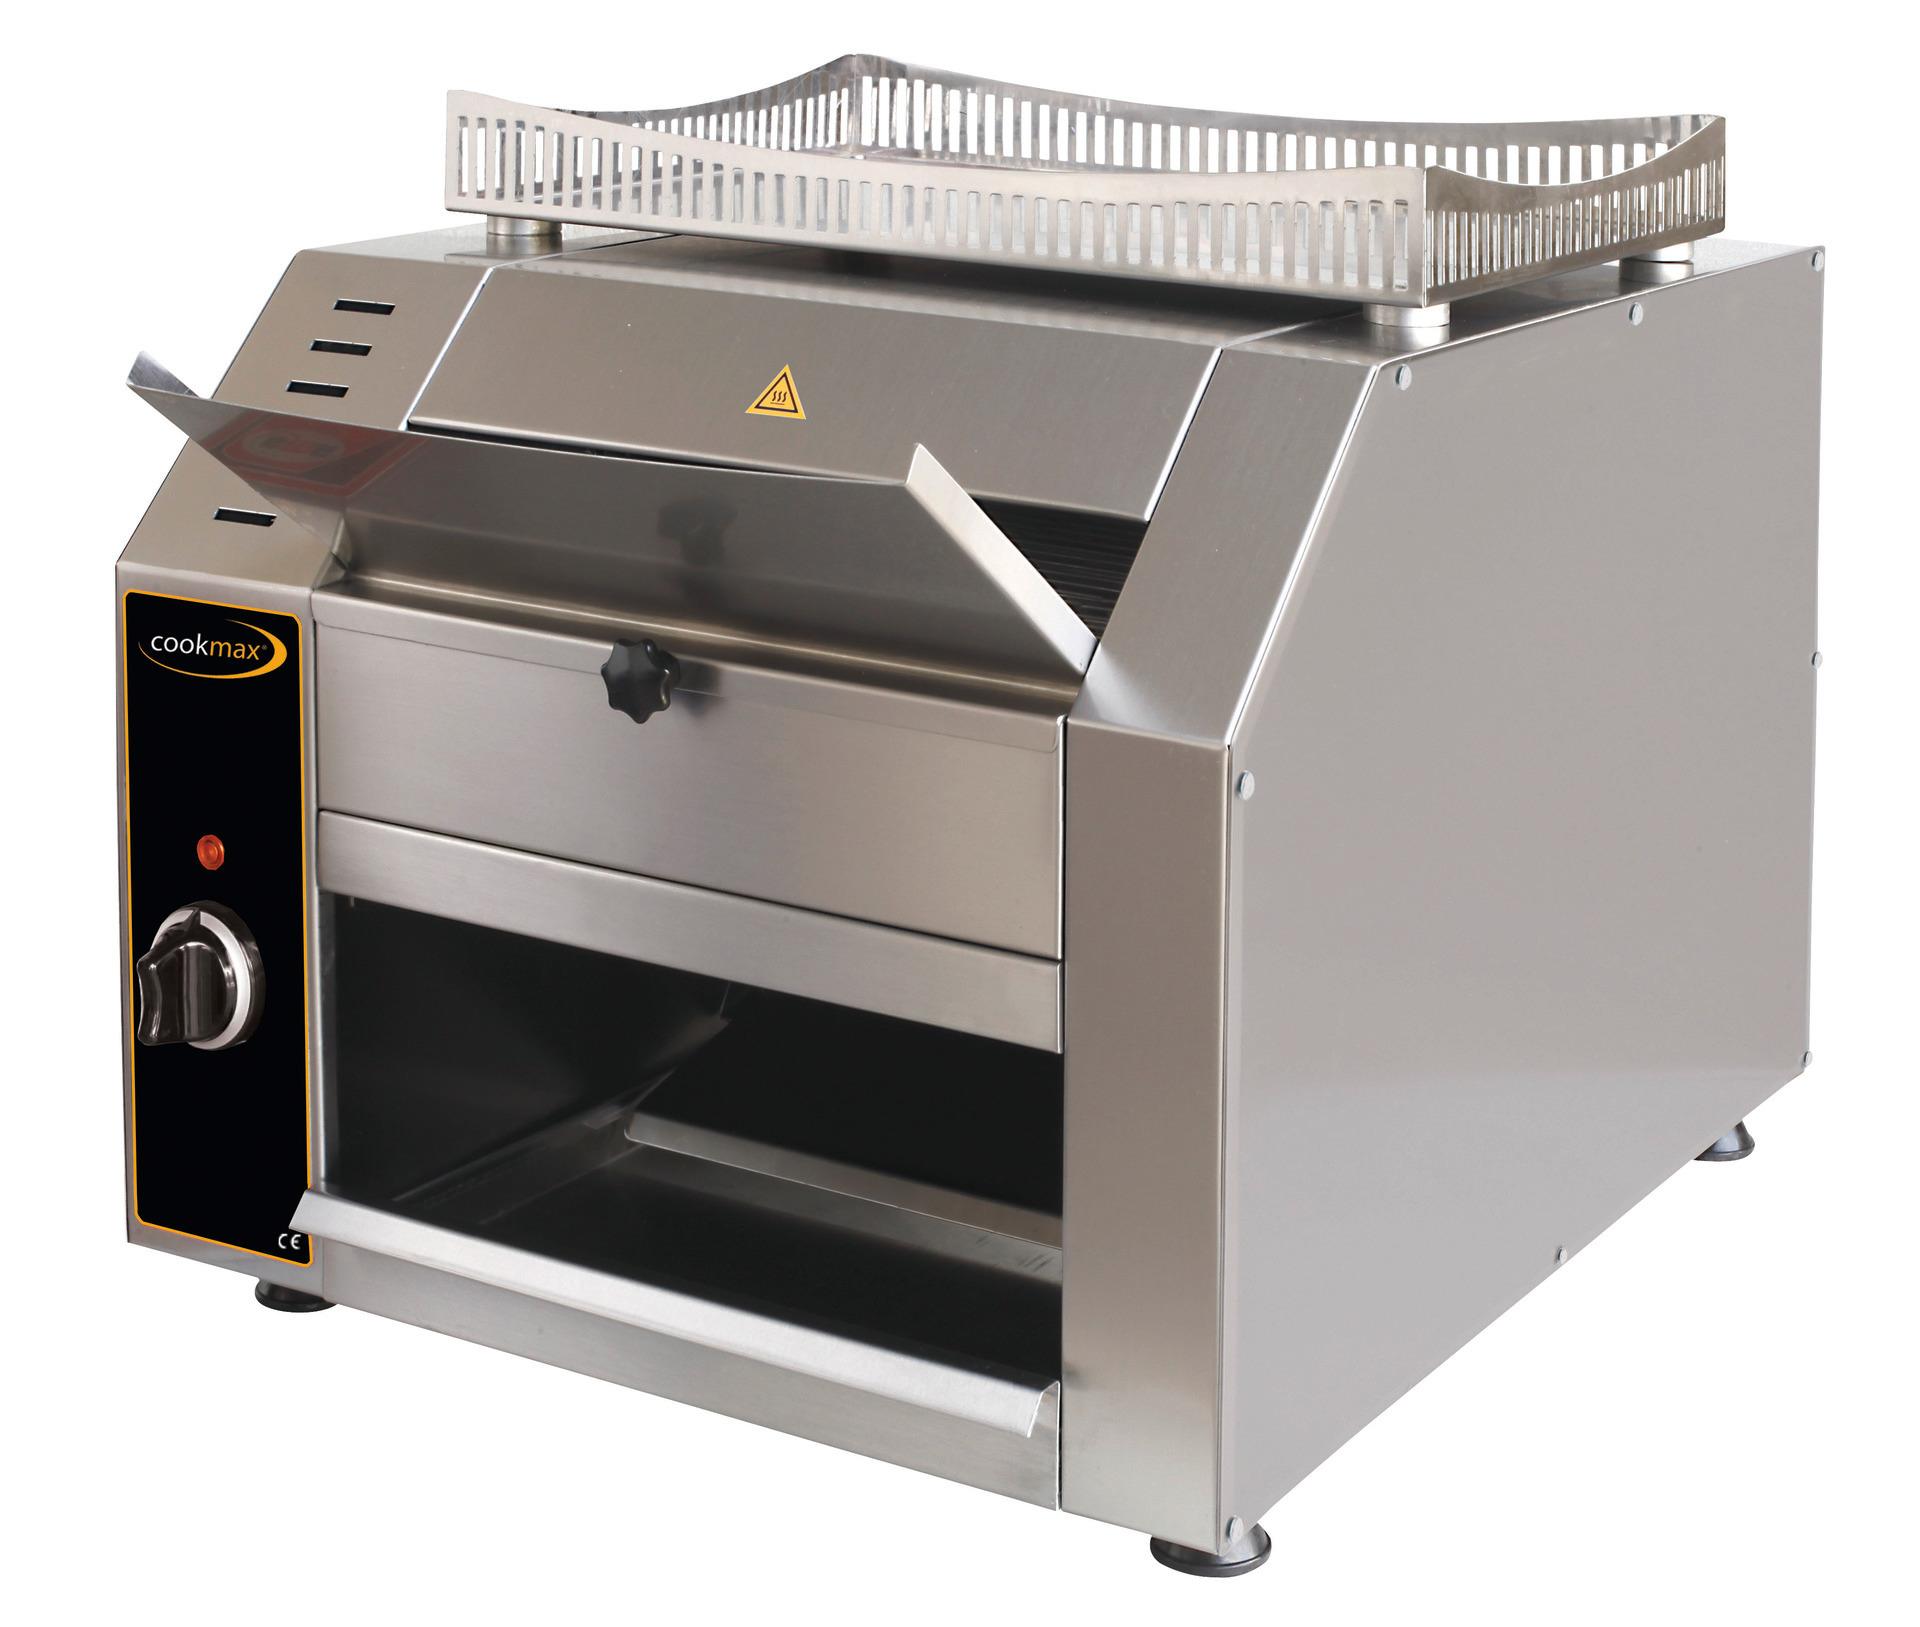 Durchlauftoaster für 144 Toast/h 480 x 440 x 440 mm